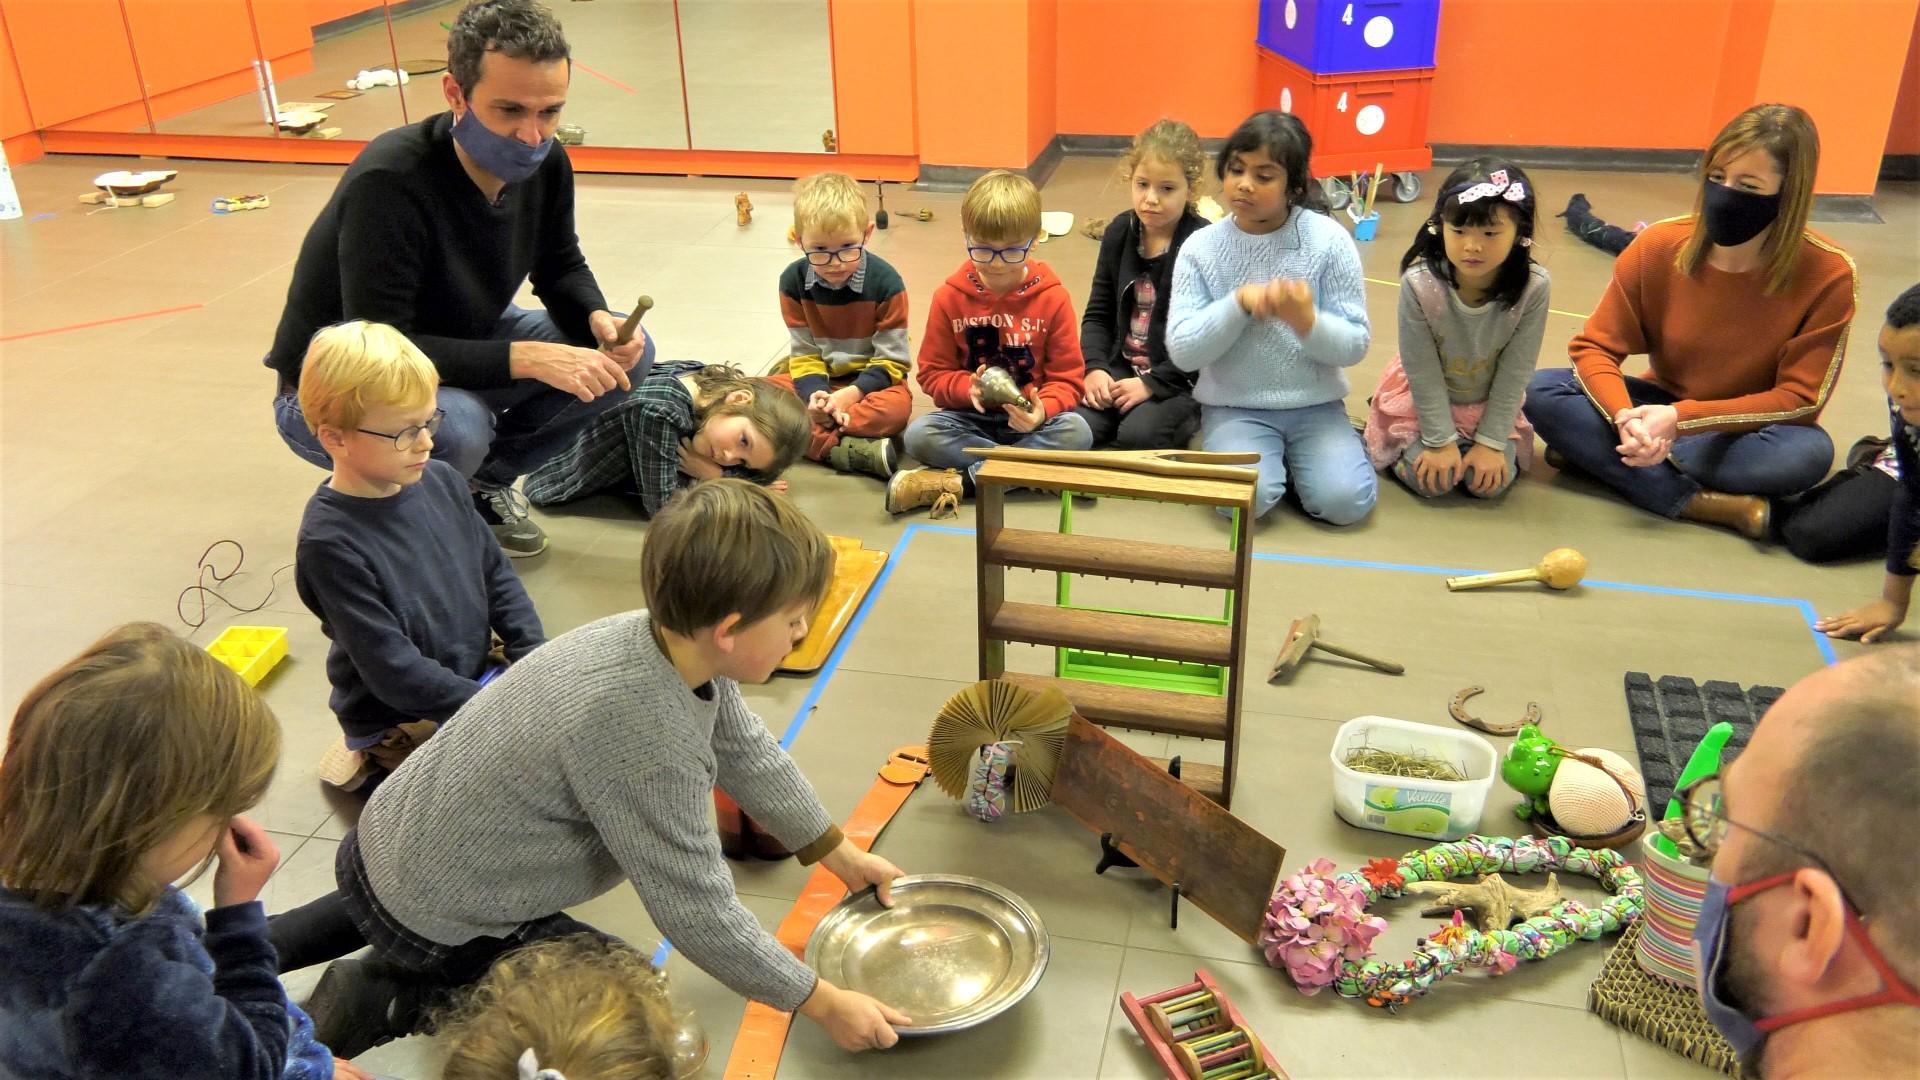 Kinderen ziten in een kring rond voorwerpen die op de grond liggen. Een jongen heeft een metalen schaal in de handen